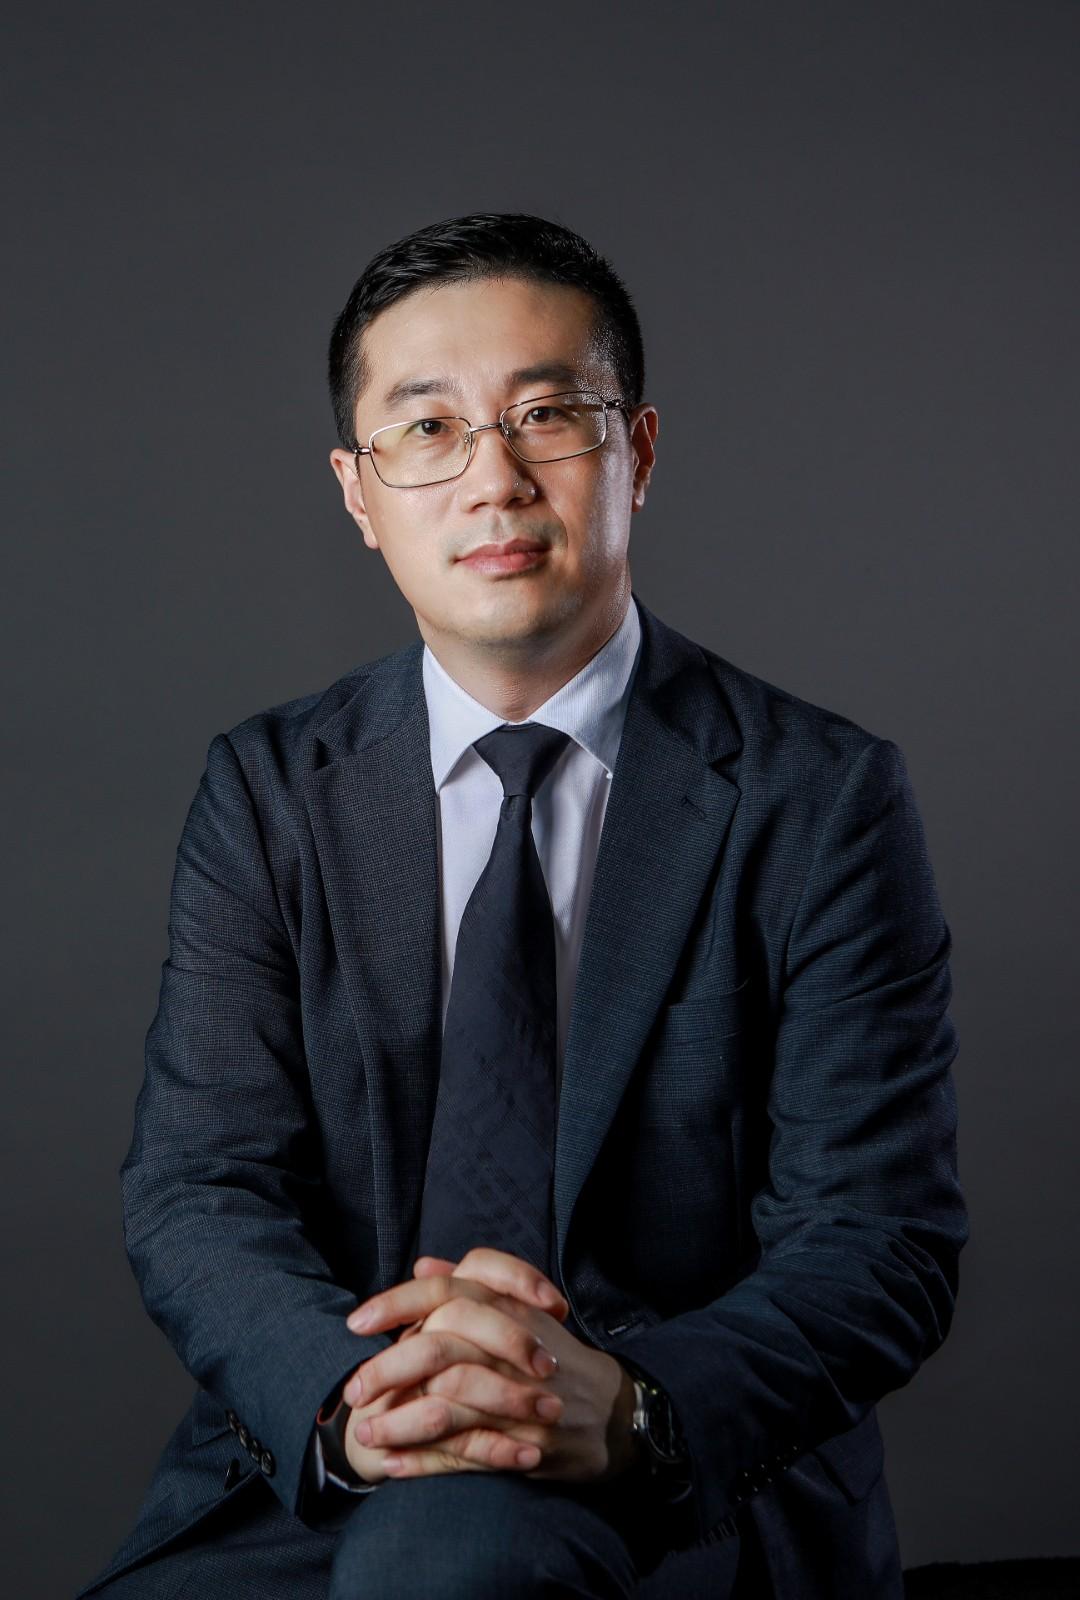 小鹏汽车品牌公关总经理 李鹏程